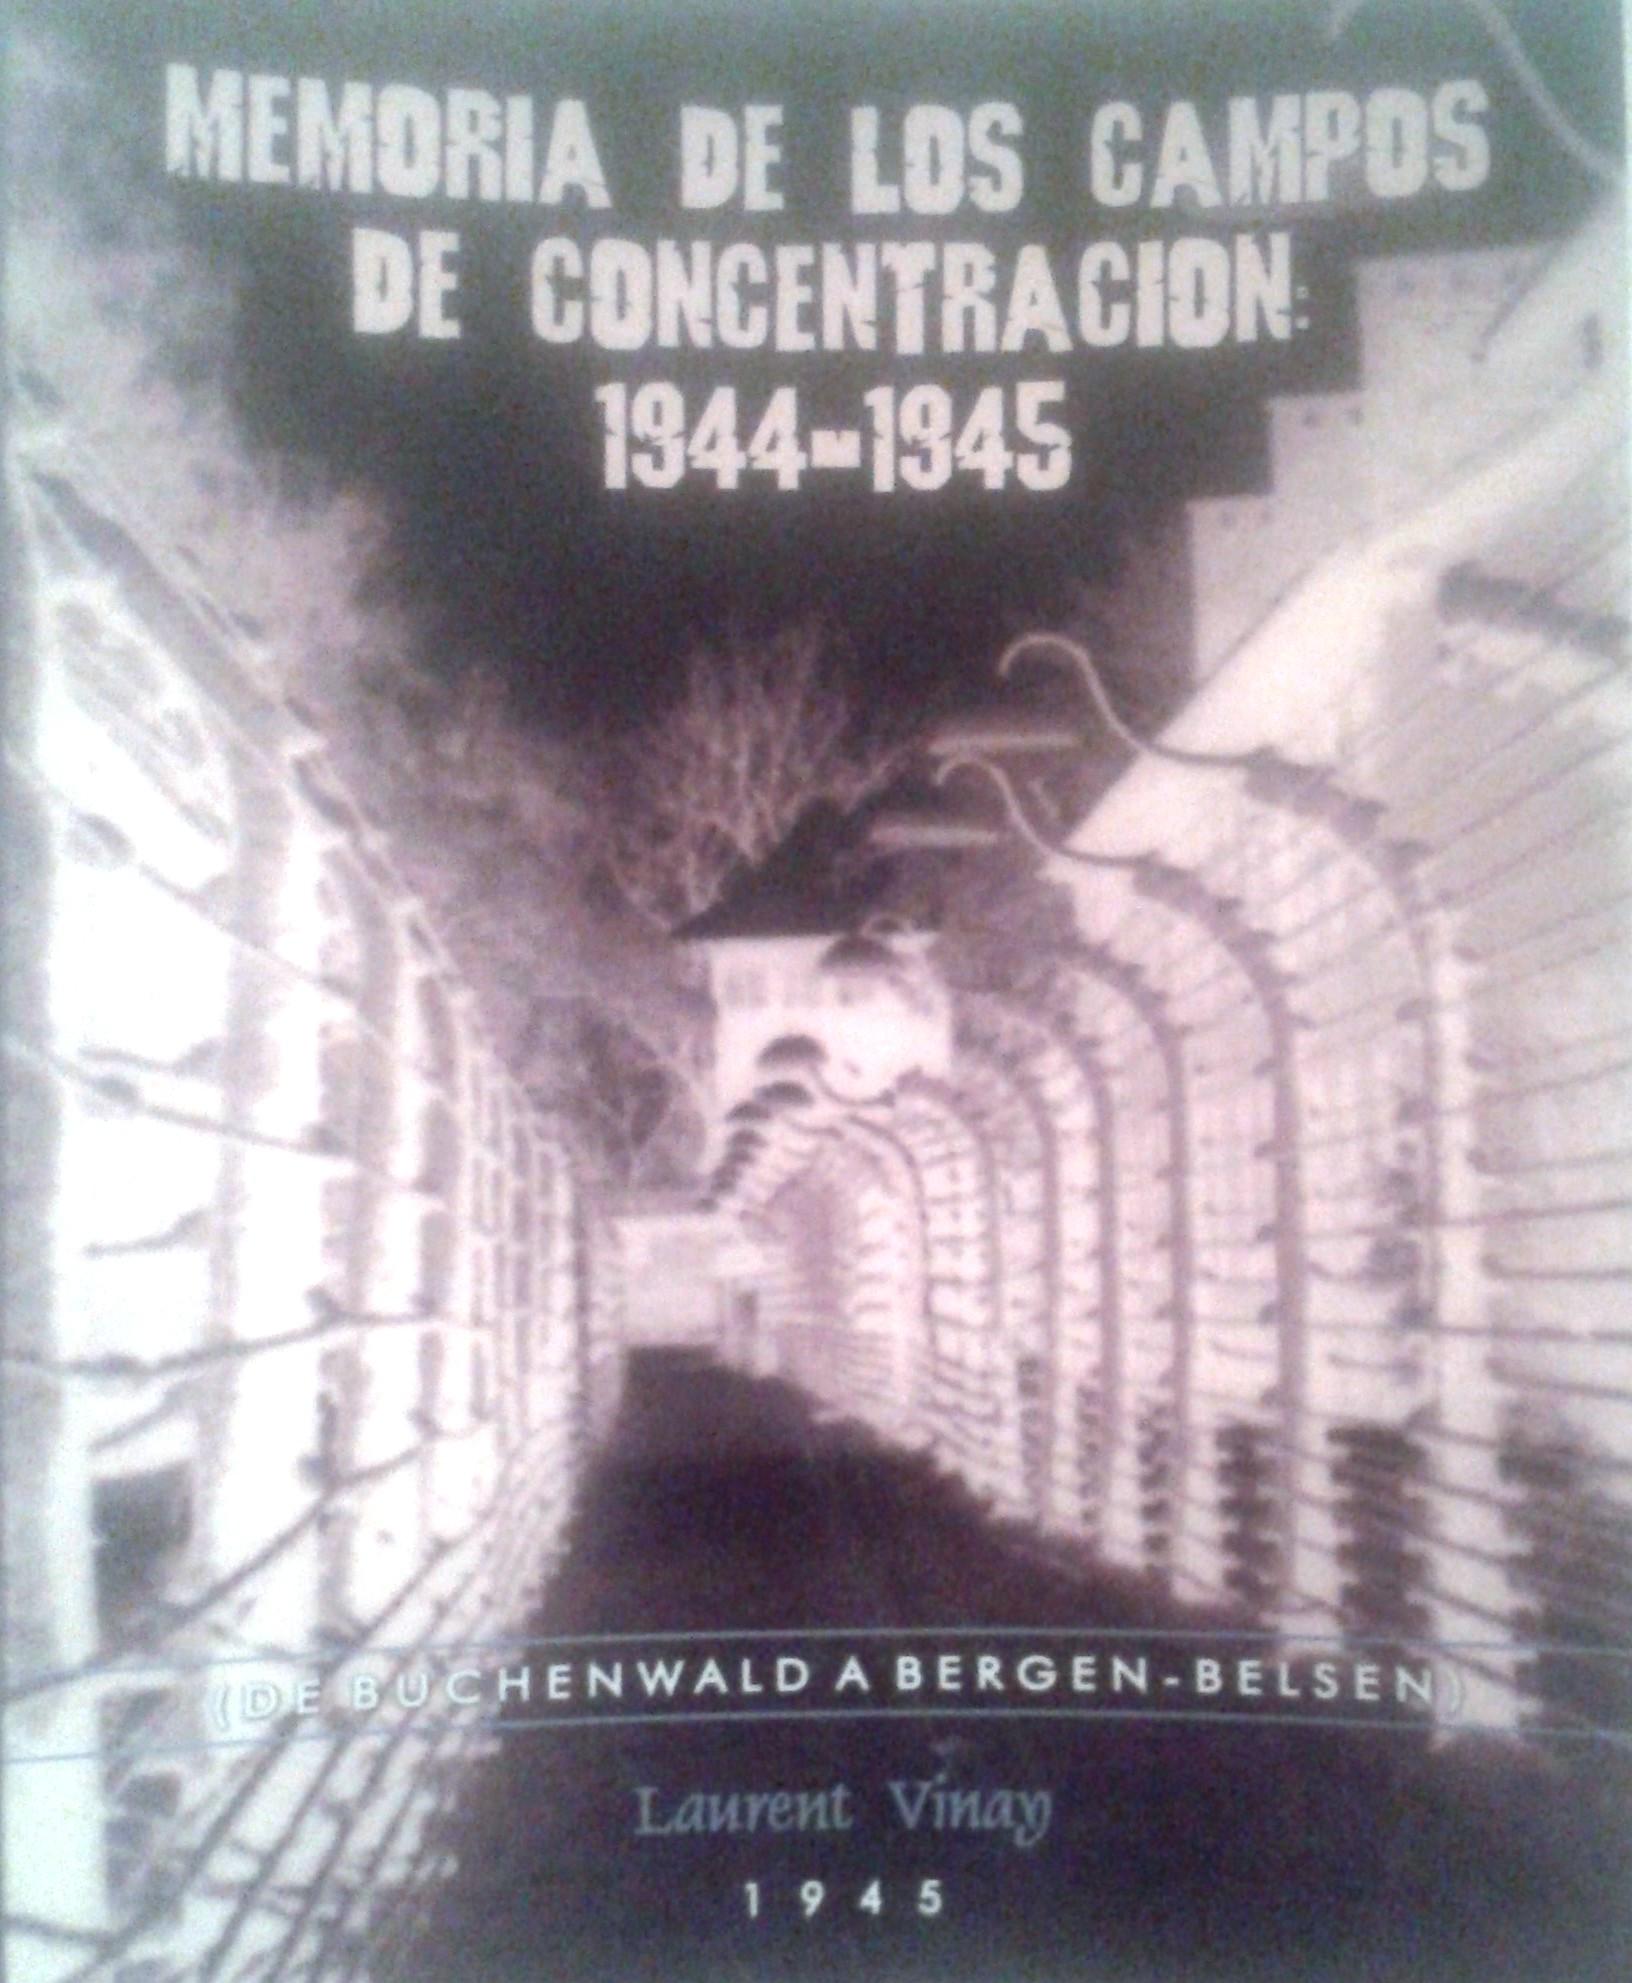 Memoria de los campos de concentración: 1944-1945